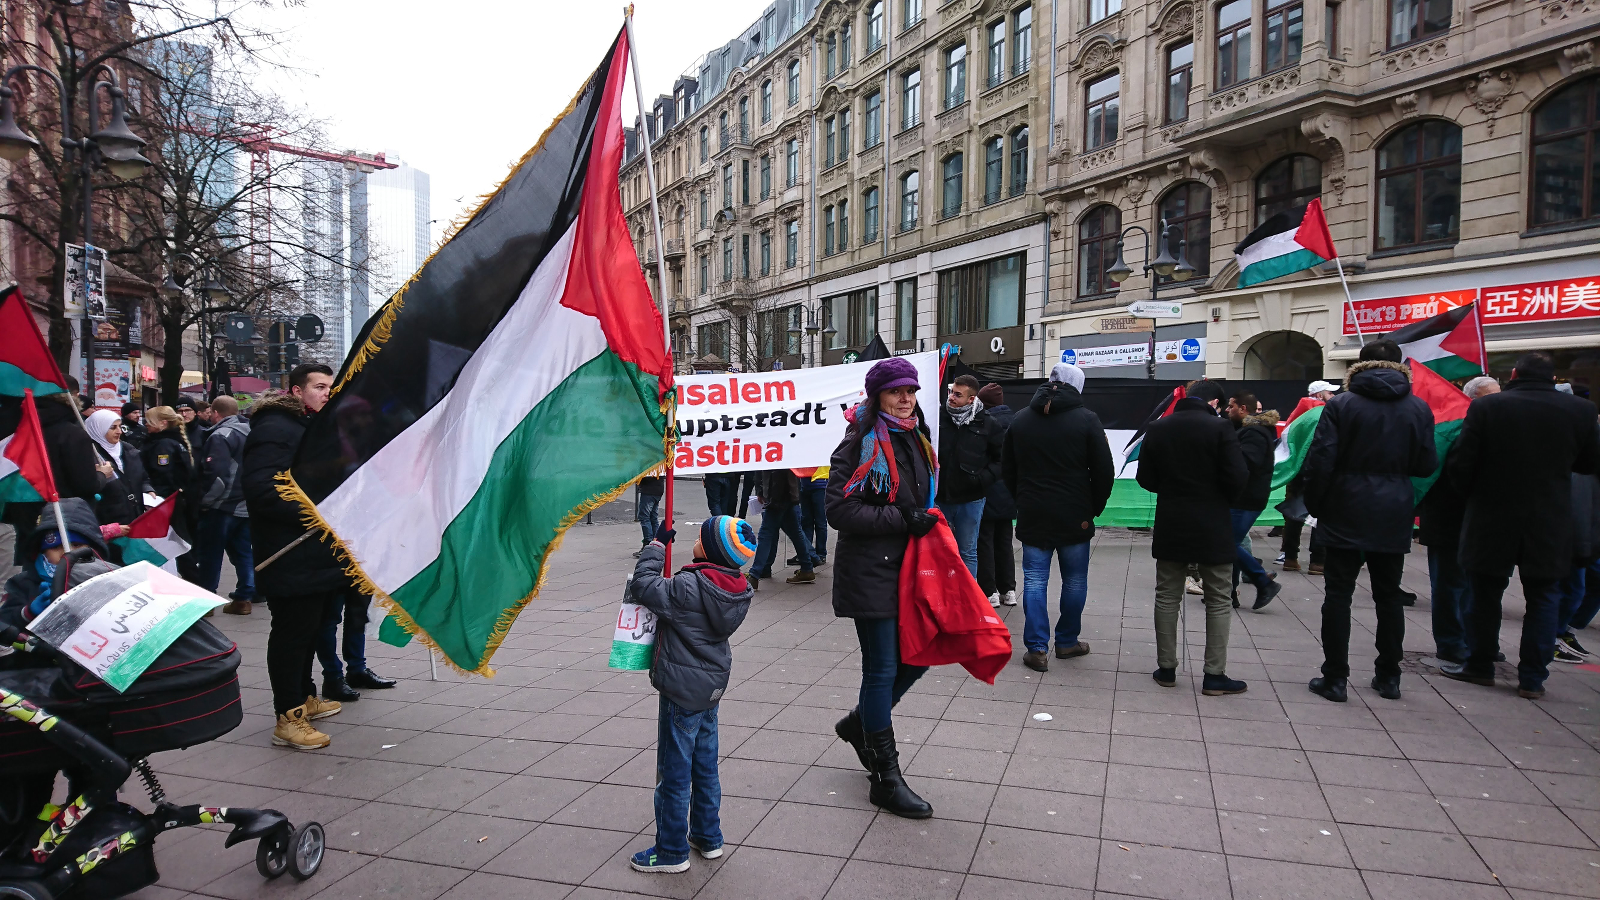 Indonesier demonstrieren gegen Jerusalem-Entscheidung